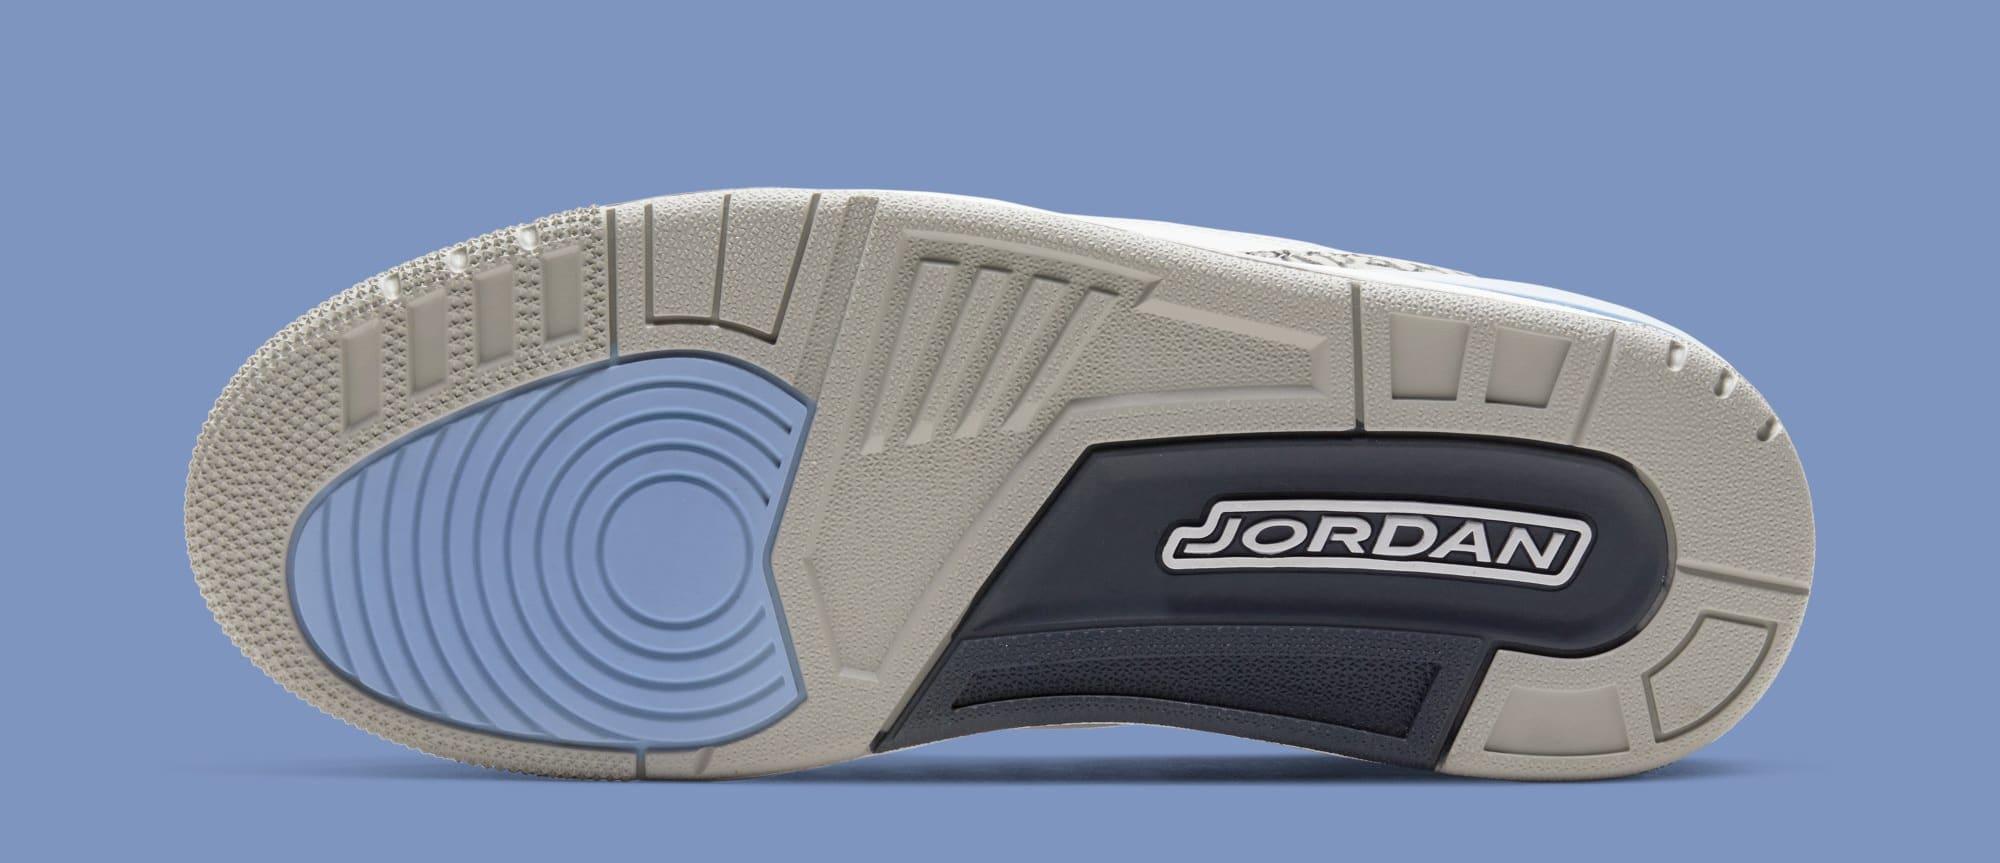 Air Jordan 3 'UNC' CT8532-104 (Sole)